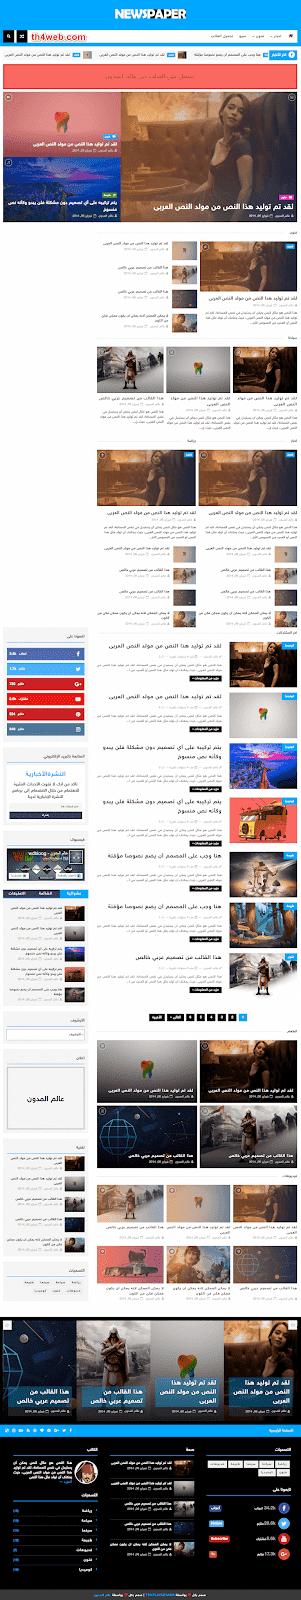 أفضل قوالب بلوجر احترافية مجانية للمدونات العربية تحميل مجانا best blogger templates